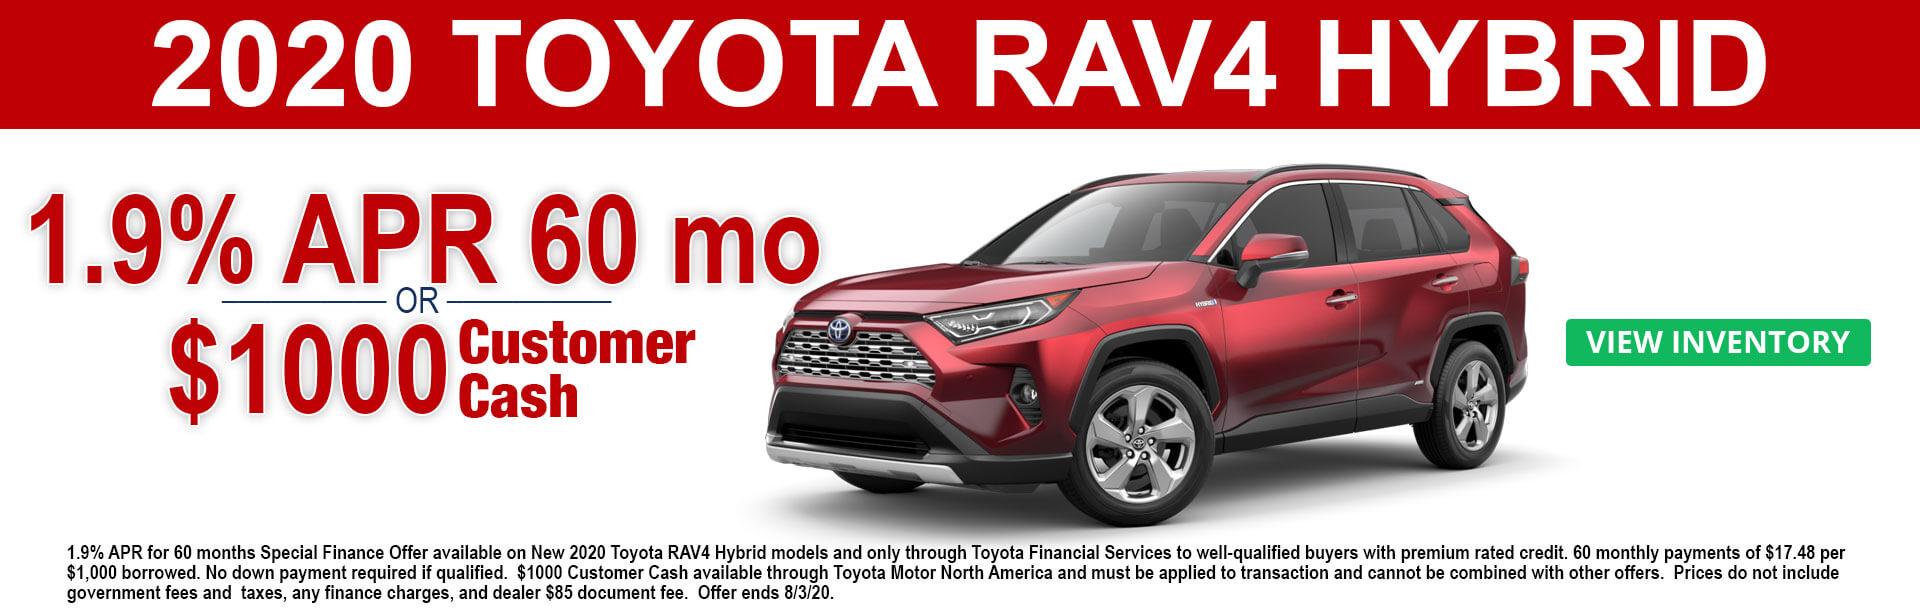 2020 Toyota RAV-4 Hybrid Cash and APR offer